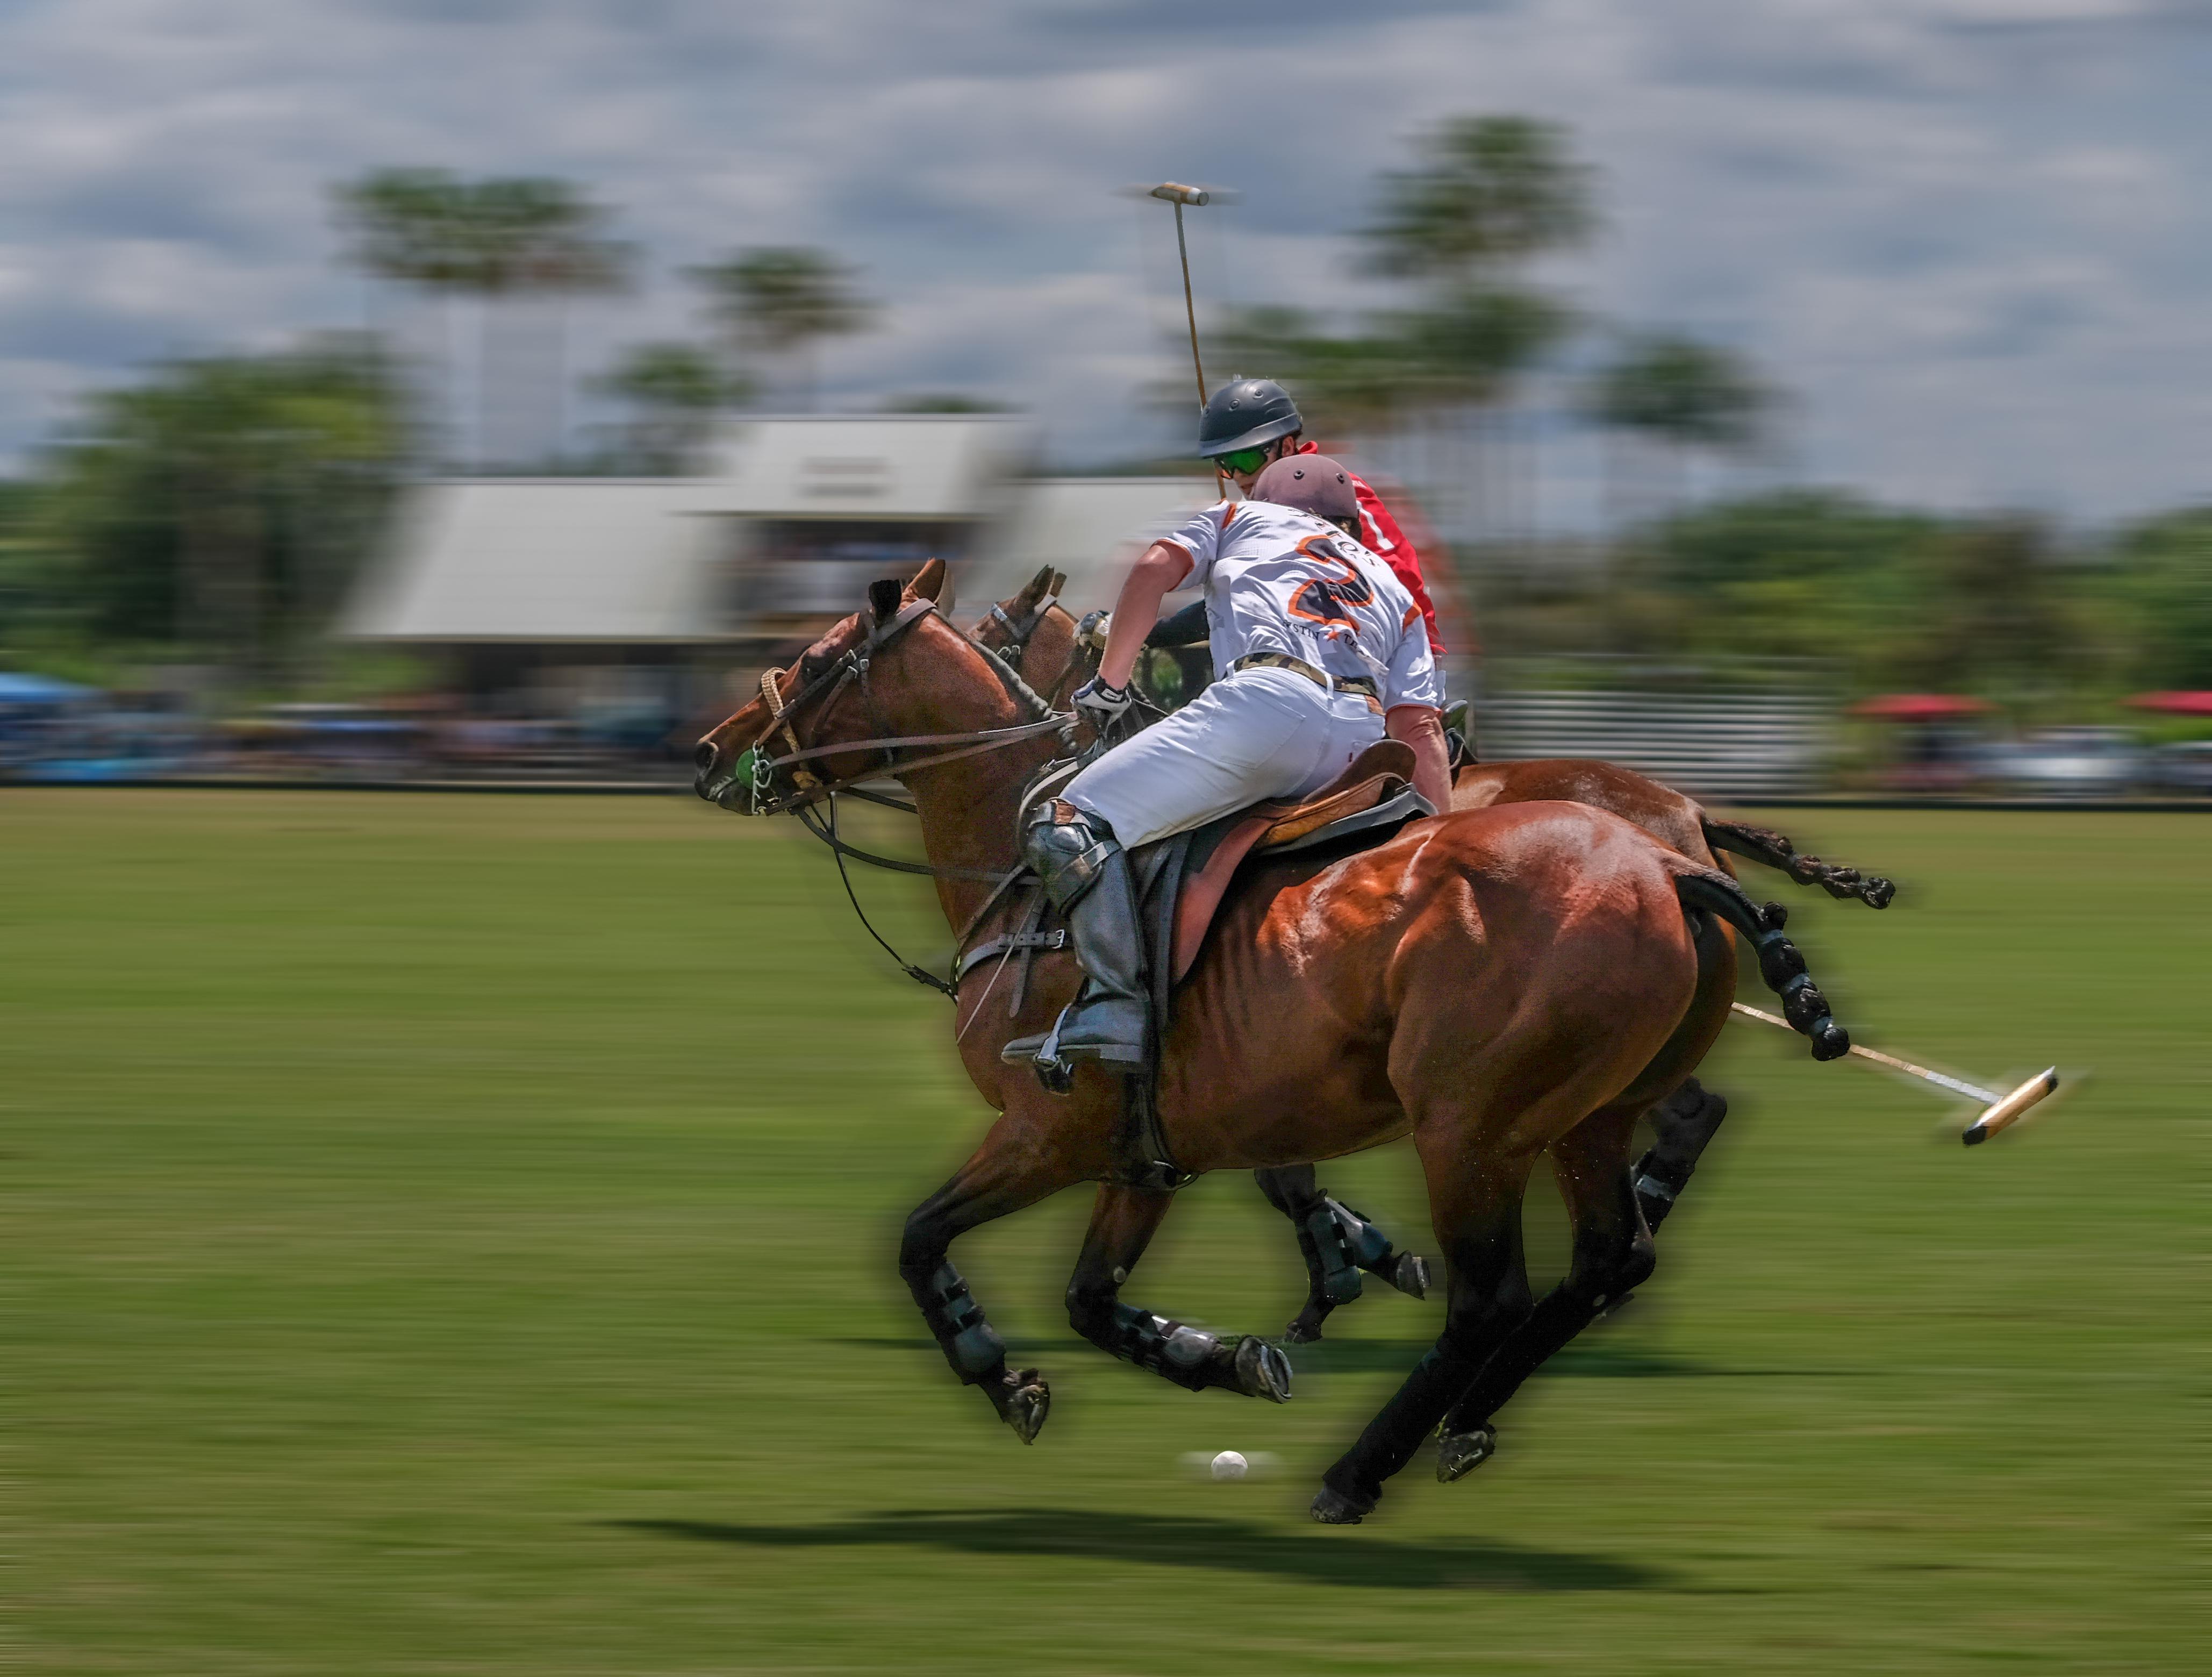 005-Polo-Riders-Tito's-White-02-James-P.